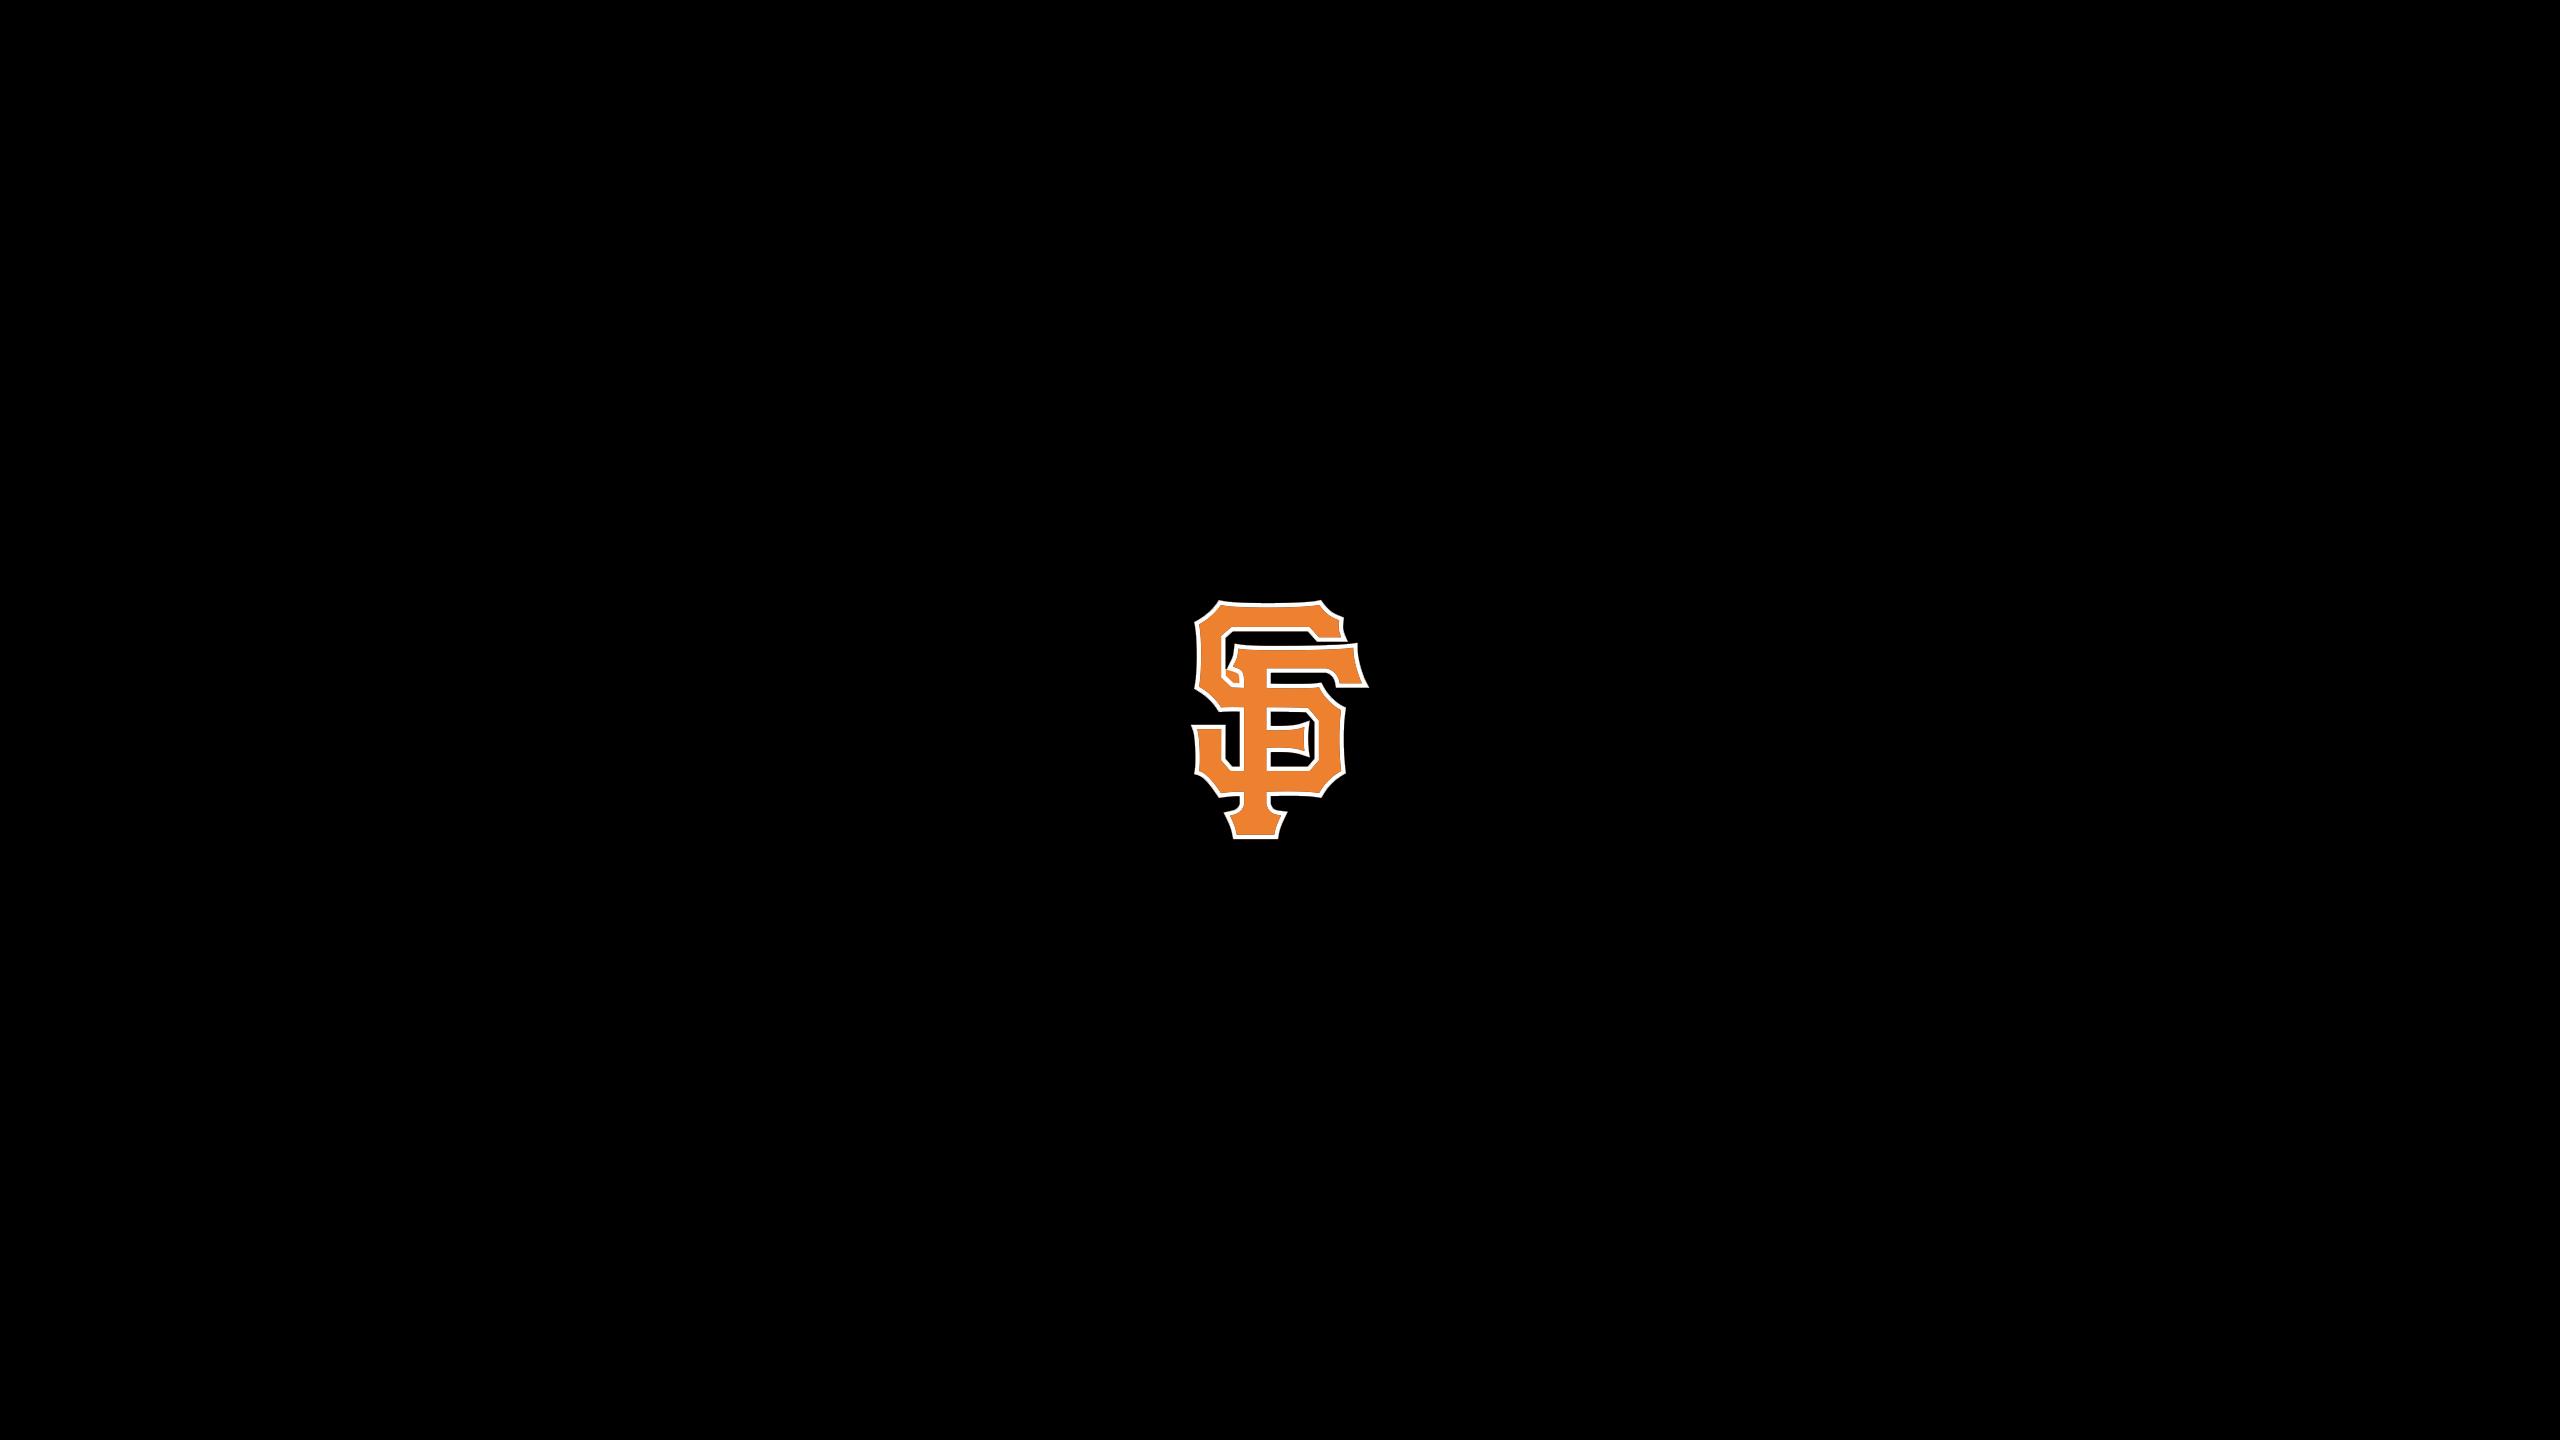 SF Giants Wallpaper